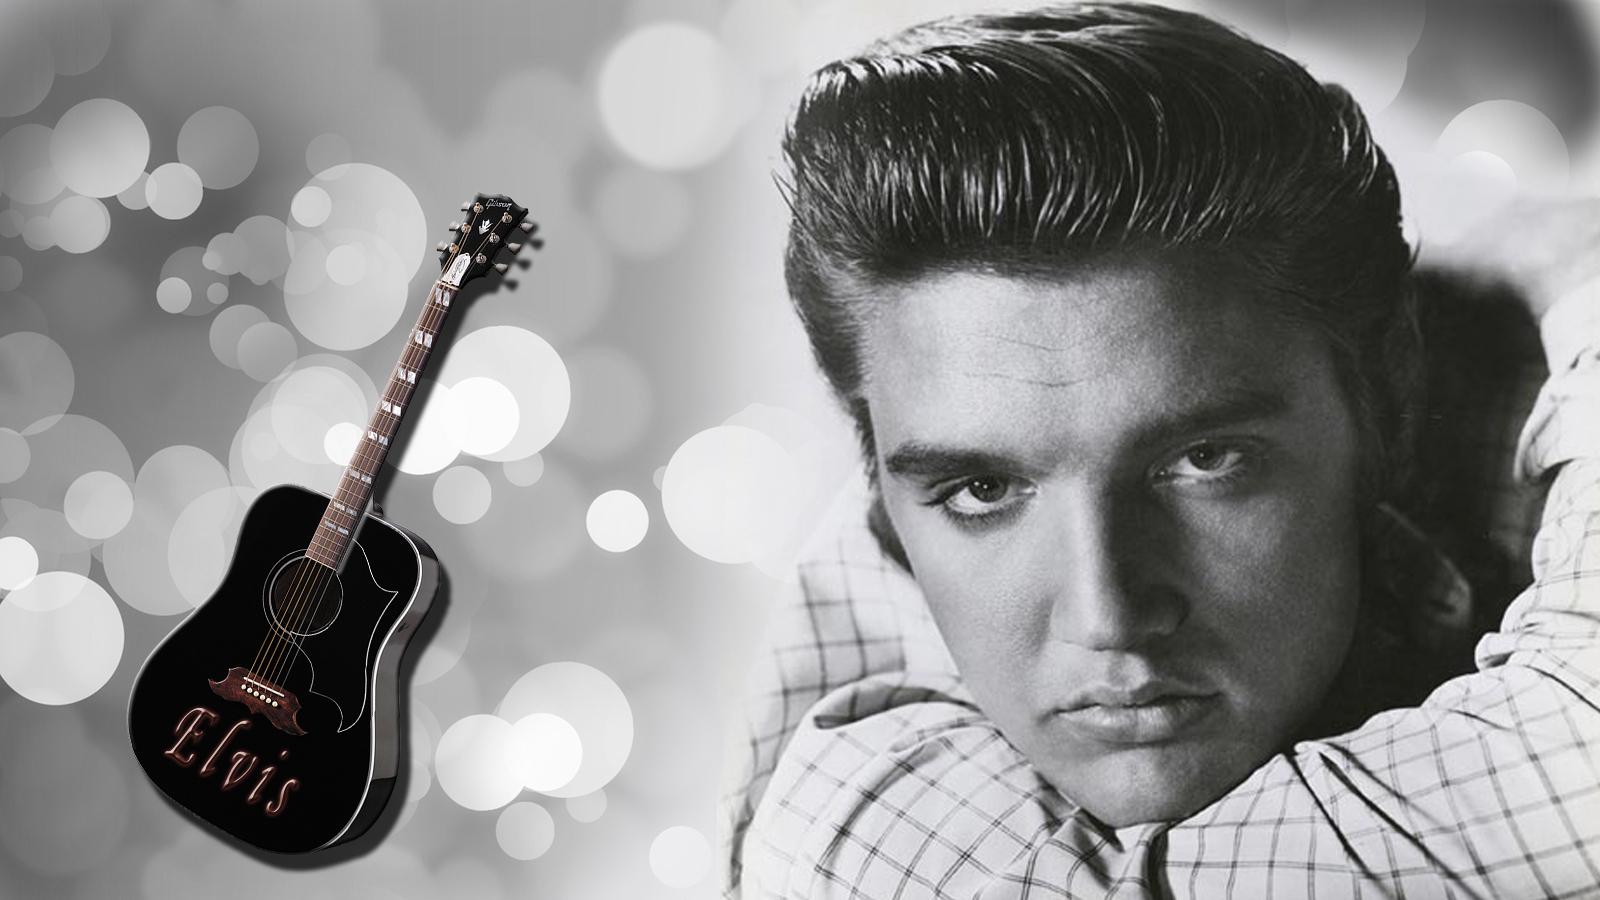 Elvis Presley Wallpapers And Screensavers